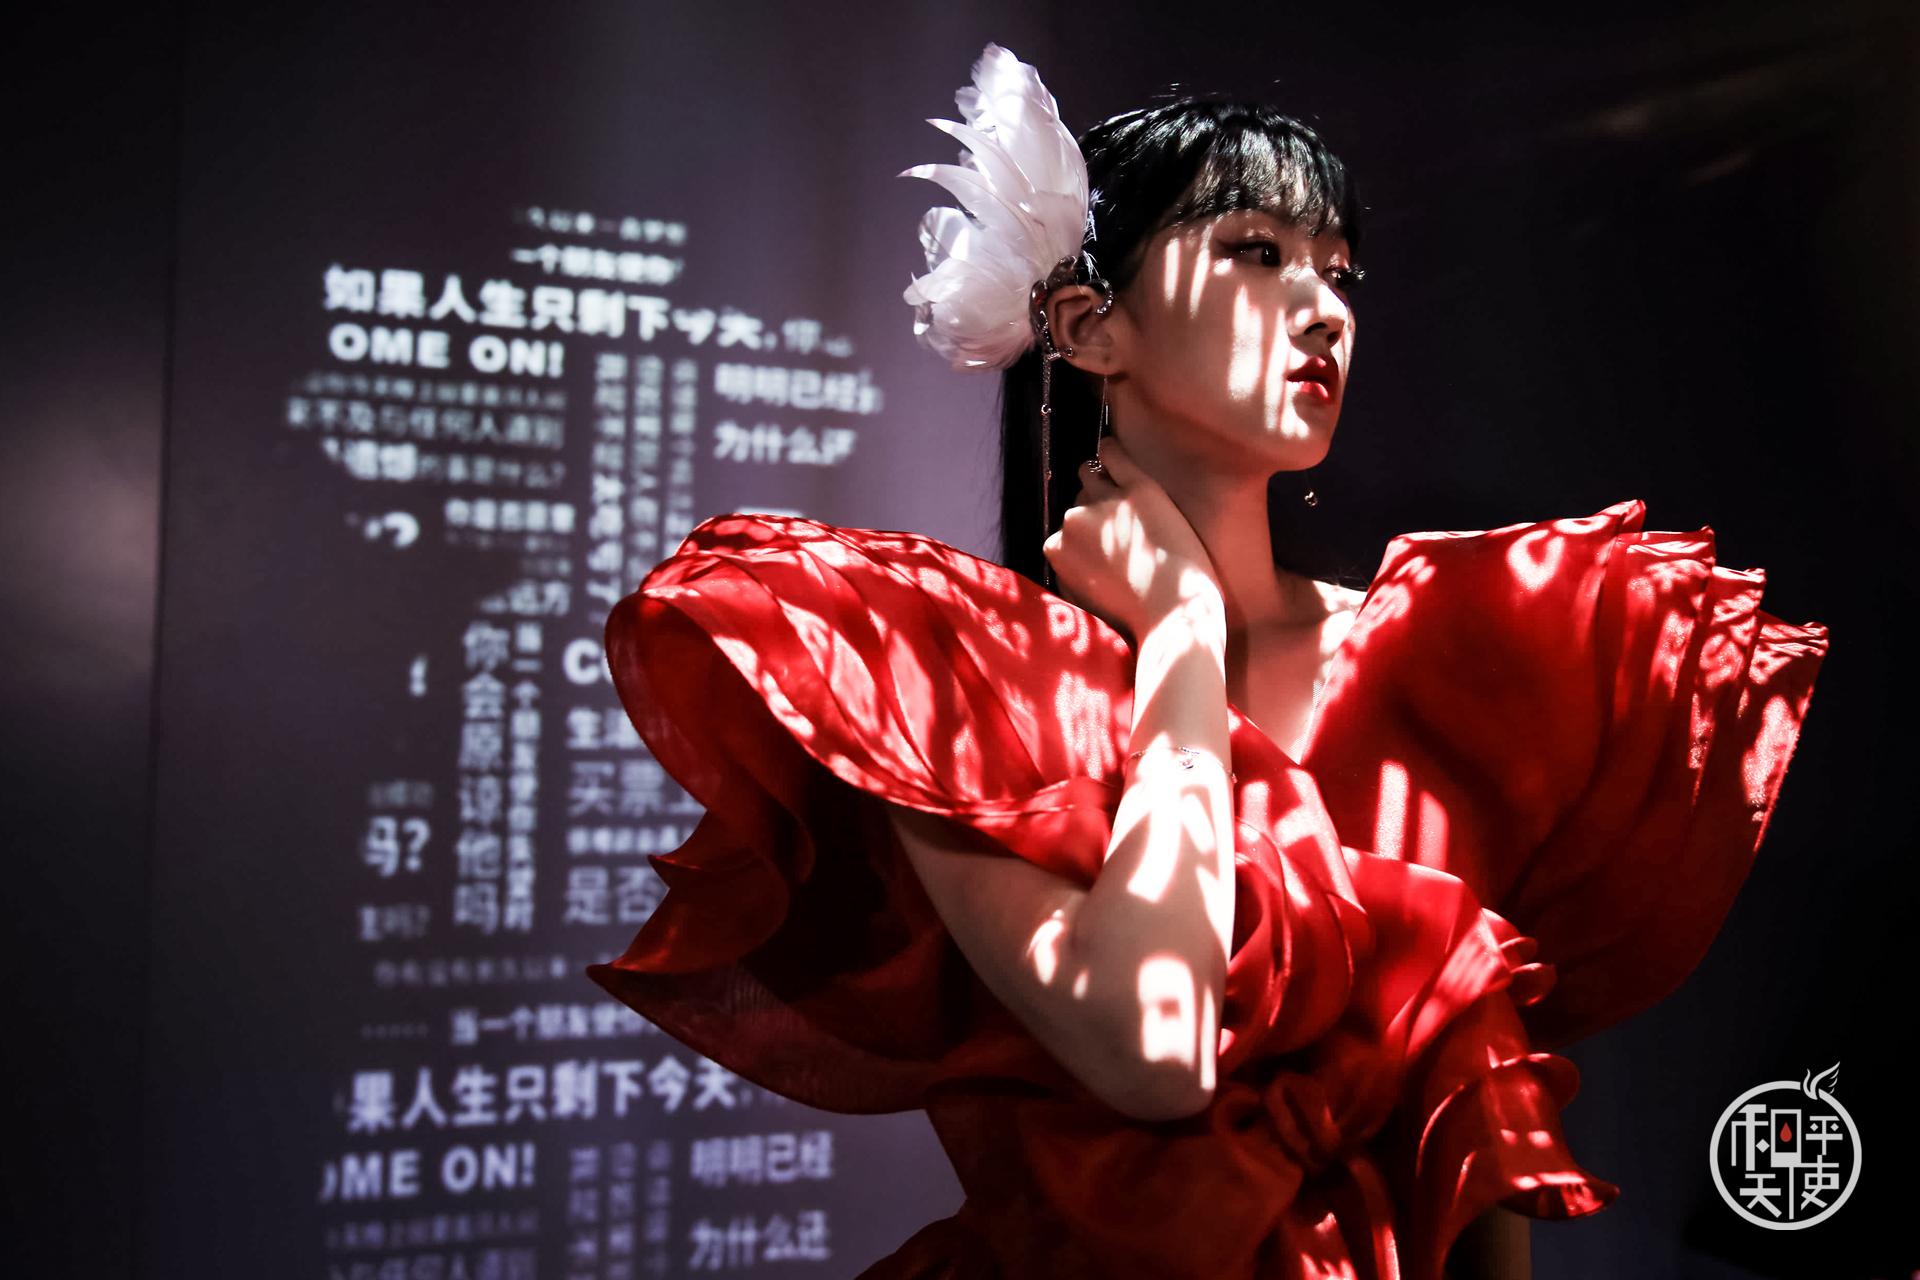 约看展|周大福和平天使概念艺术展携手王凯闪耀新品登陆上海